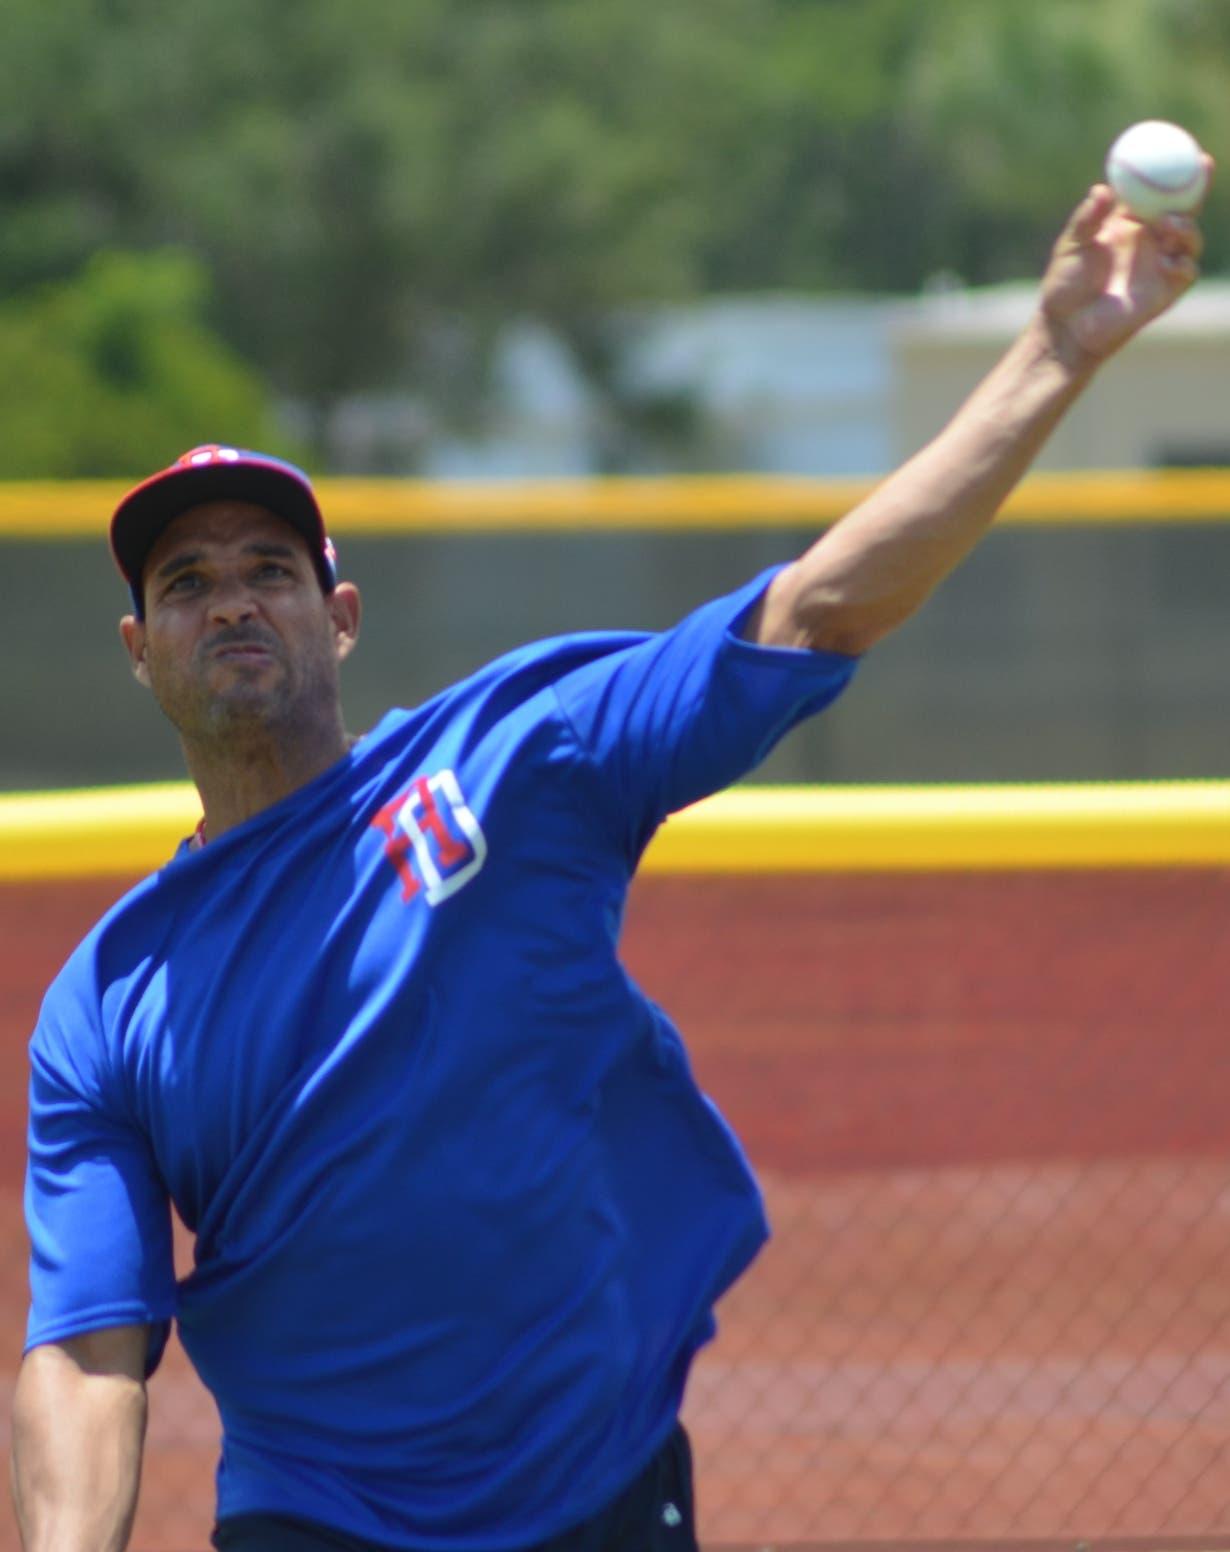 Béisbol de República Dominicana sale con todo tras boleto Juegos Tokio